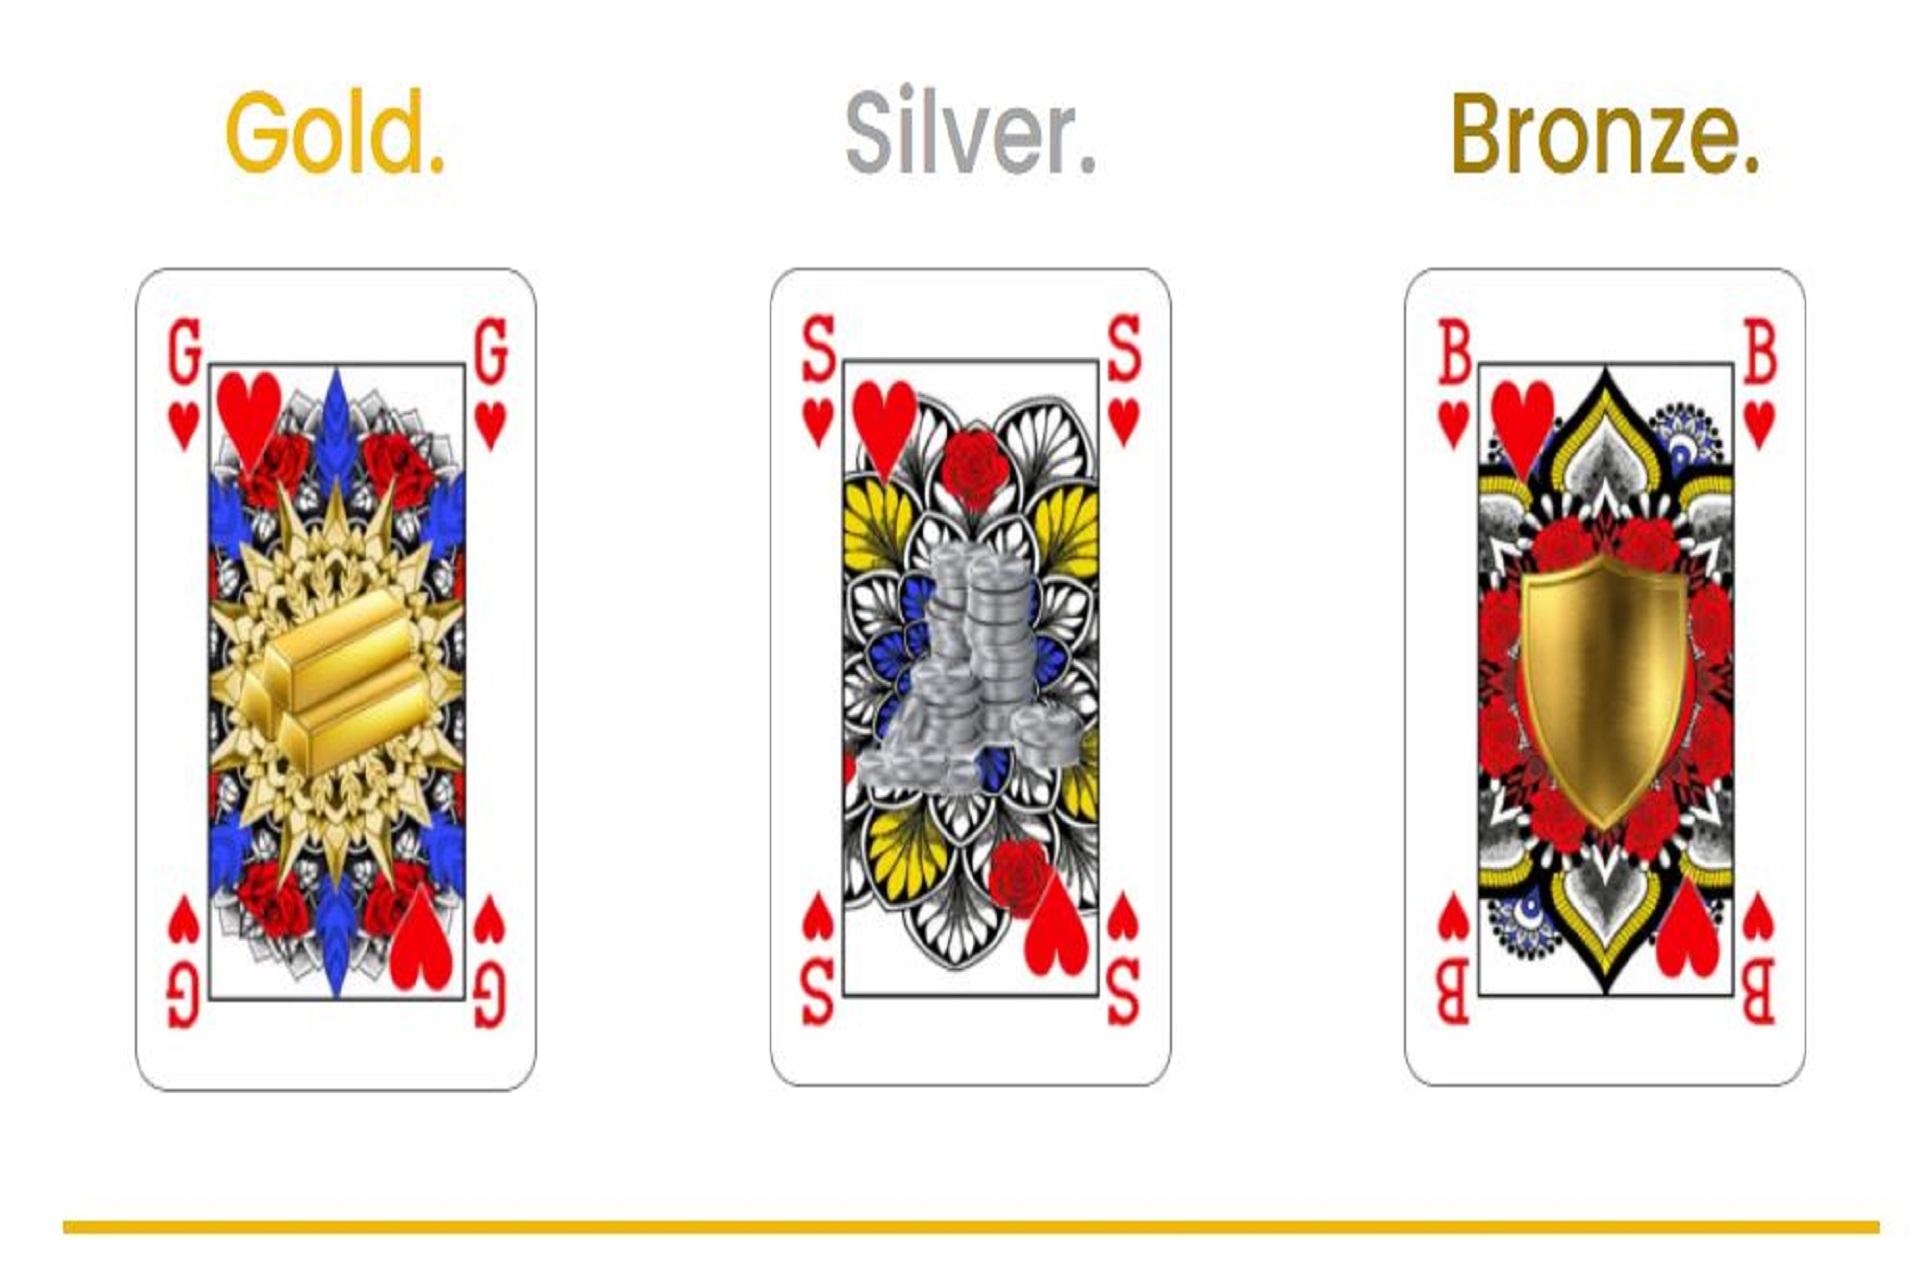 Cinsiyetsiz oyun kartları tasarlandı